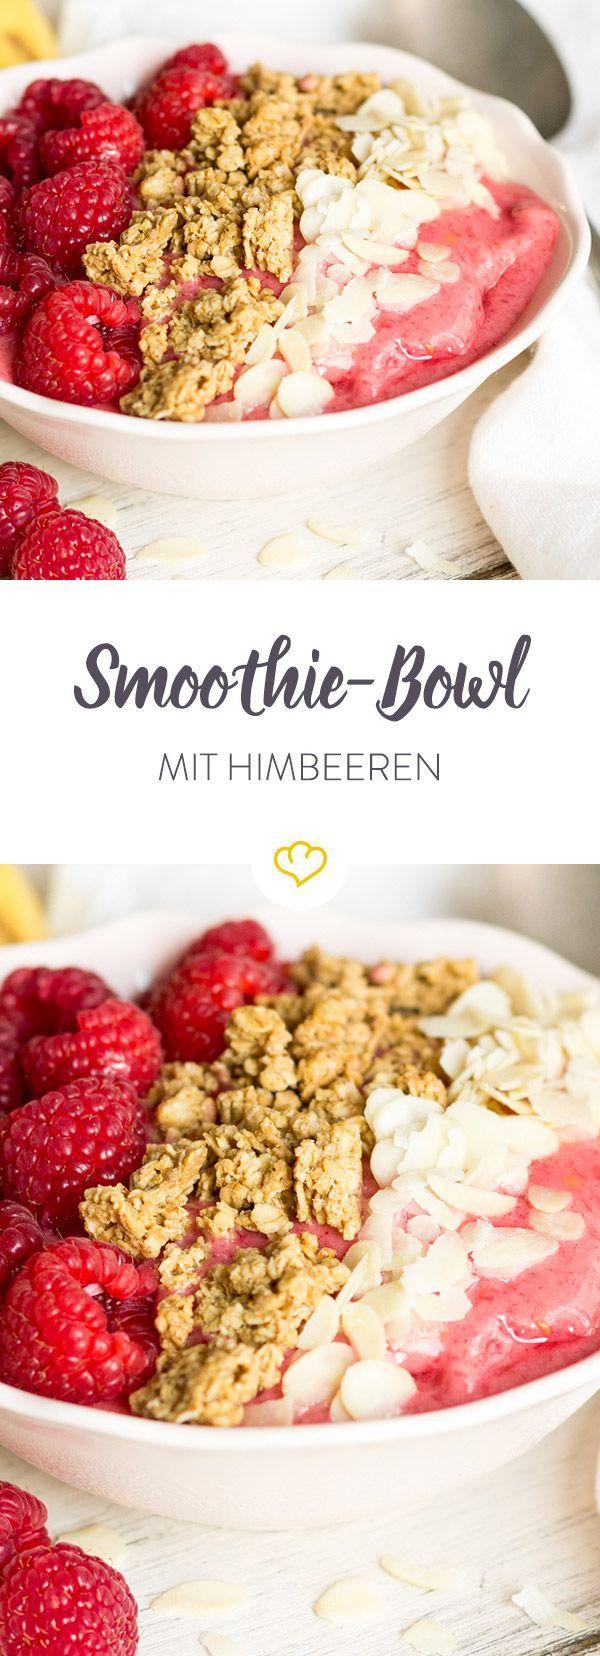 Diese Frühstücksschale ist der Garant für gute Laune am Morgen und die Schönste unter allen Bowls - Himbeeren, Bananen und Mandelmus sei Dank!